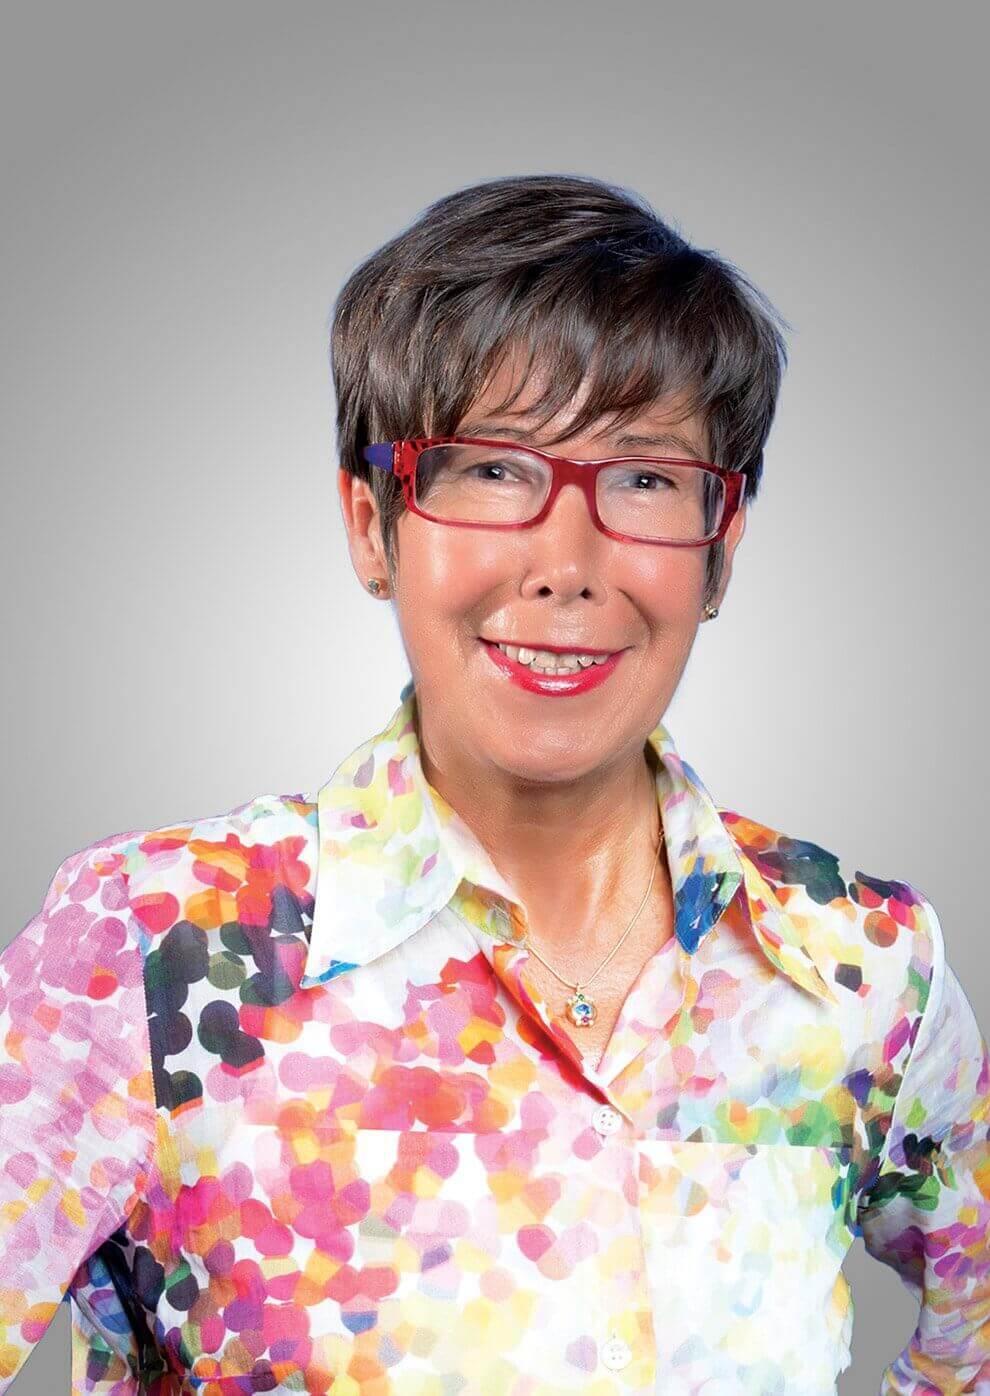 Cornelia Graf - Gesundheits- und Ernährungsberaterin.